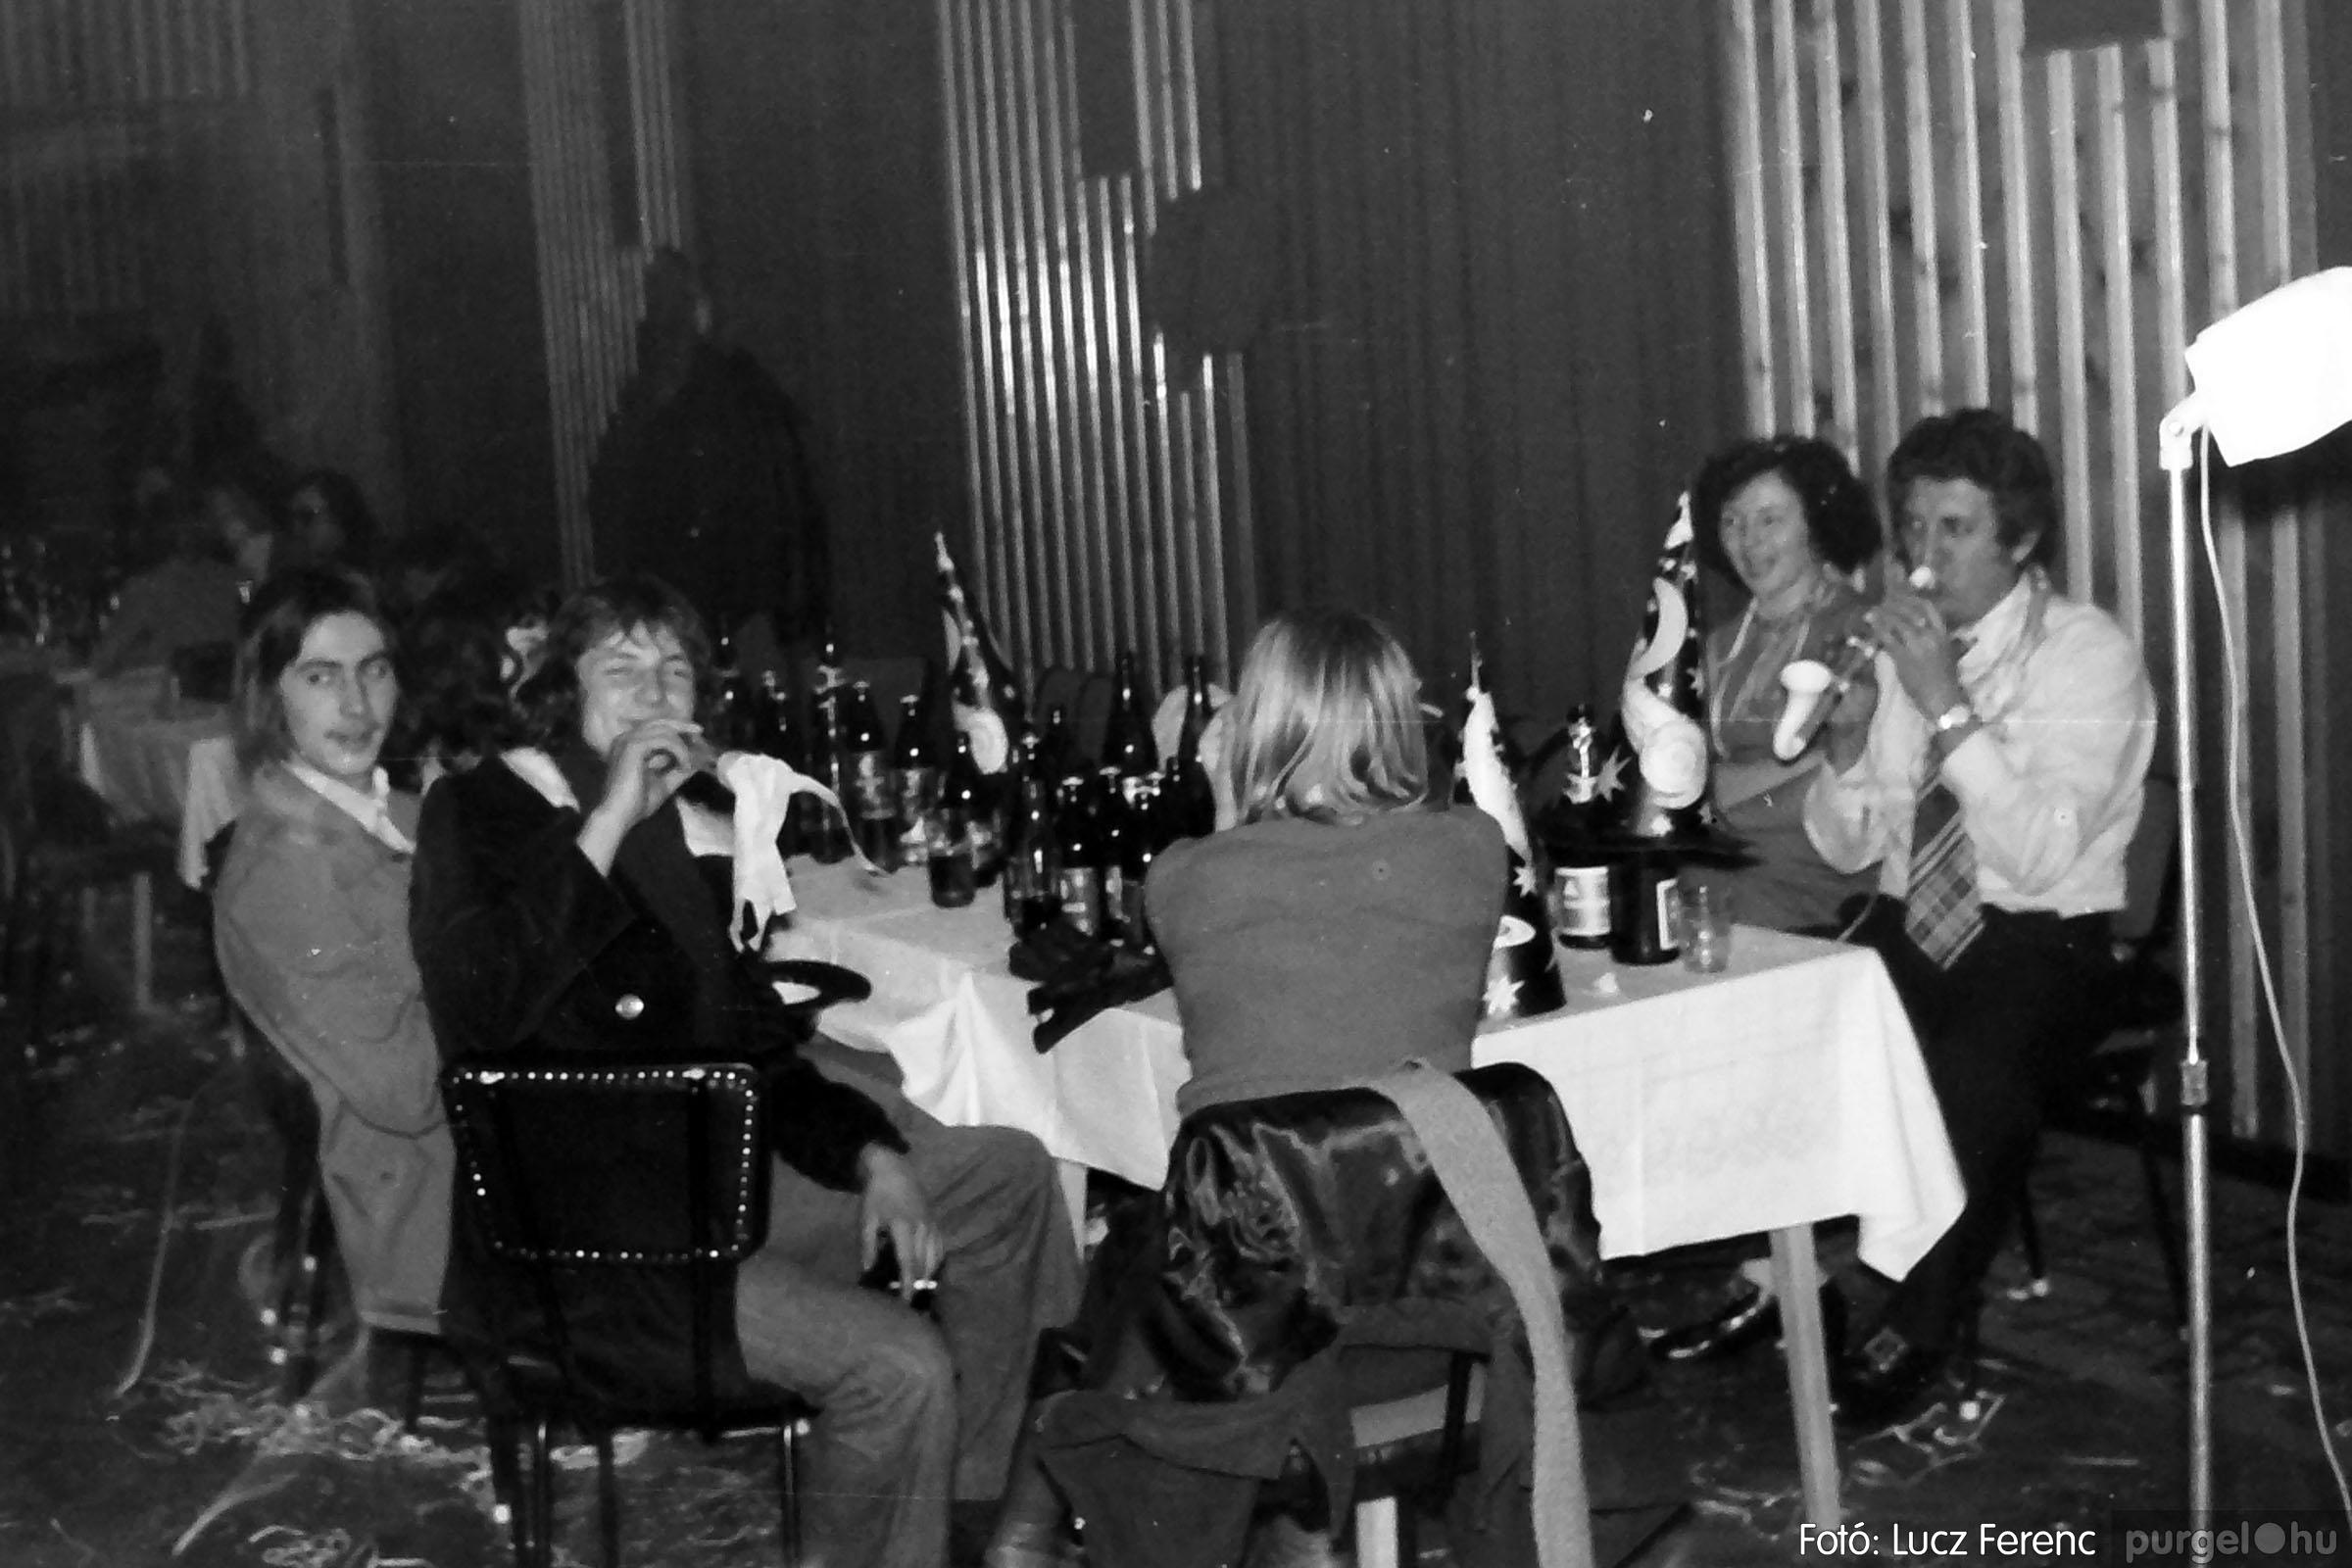 030. 1975.12.31. Szilveszter a kultúrházban 021 - Fotó: Lucz Ferenc.jpg